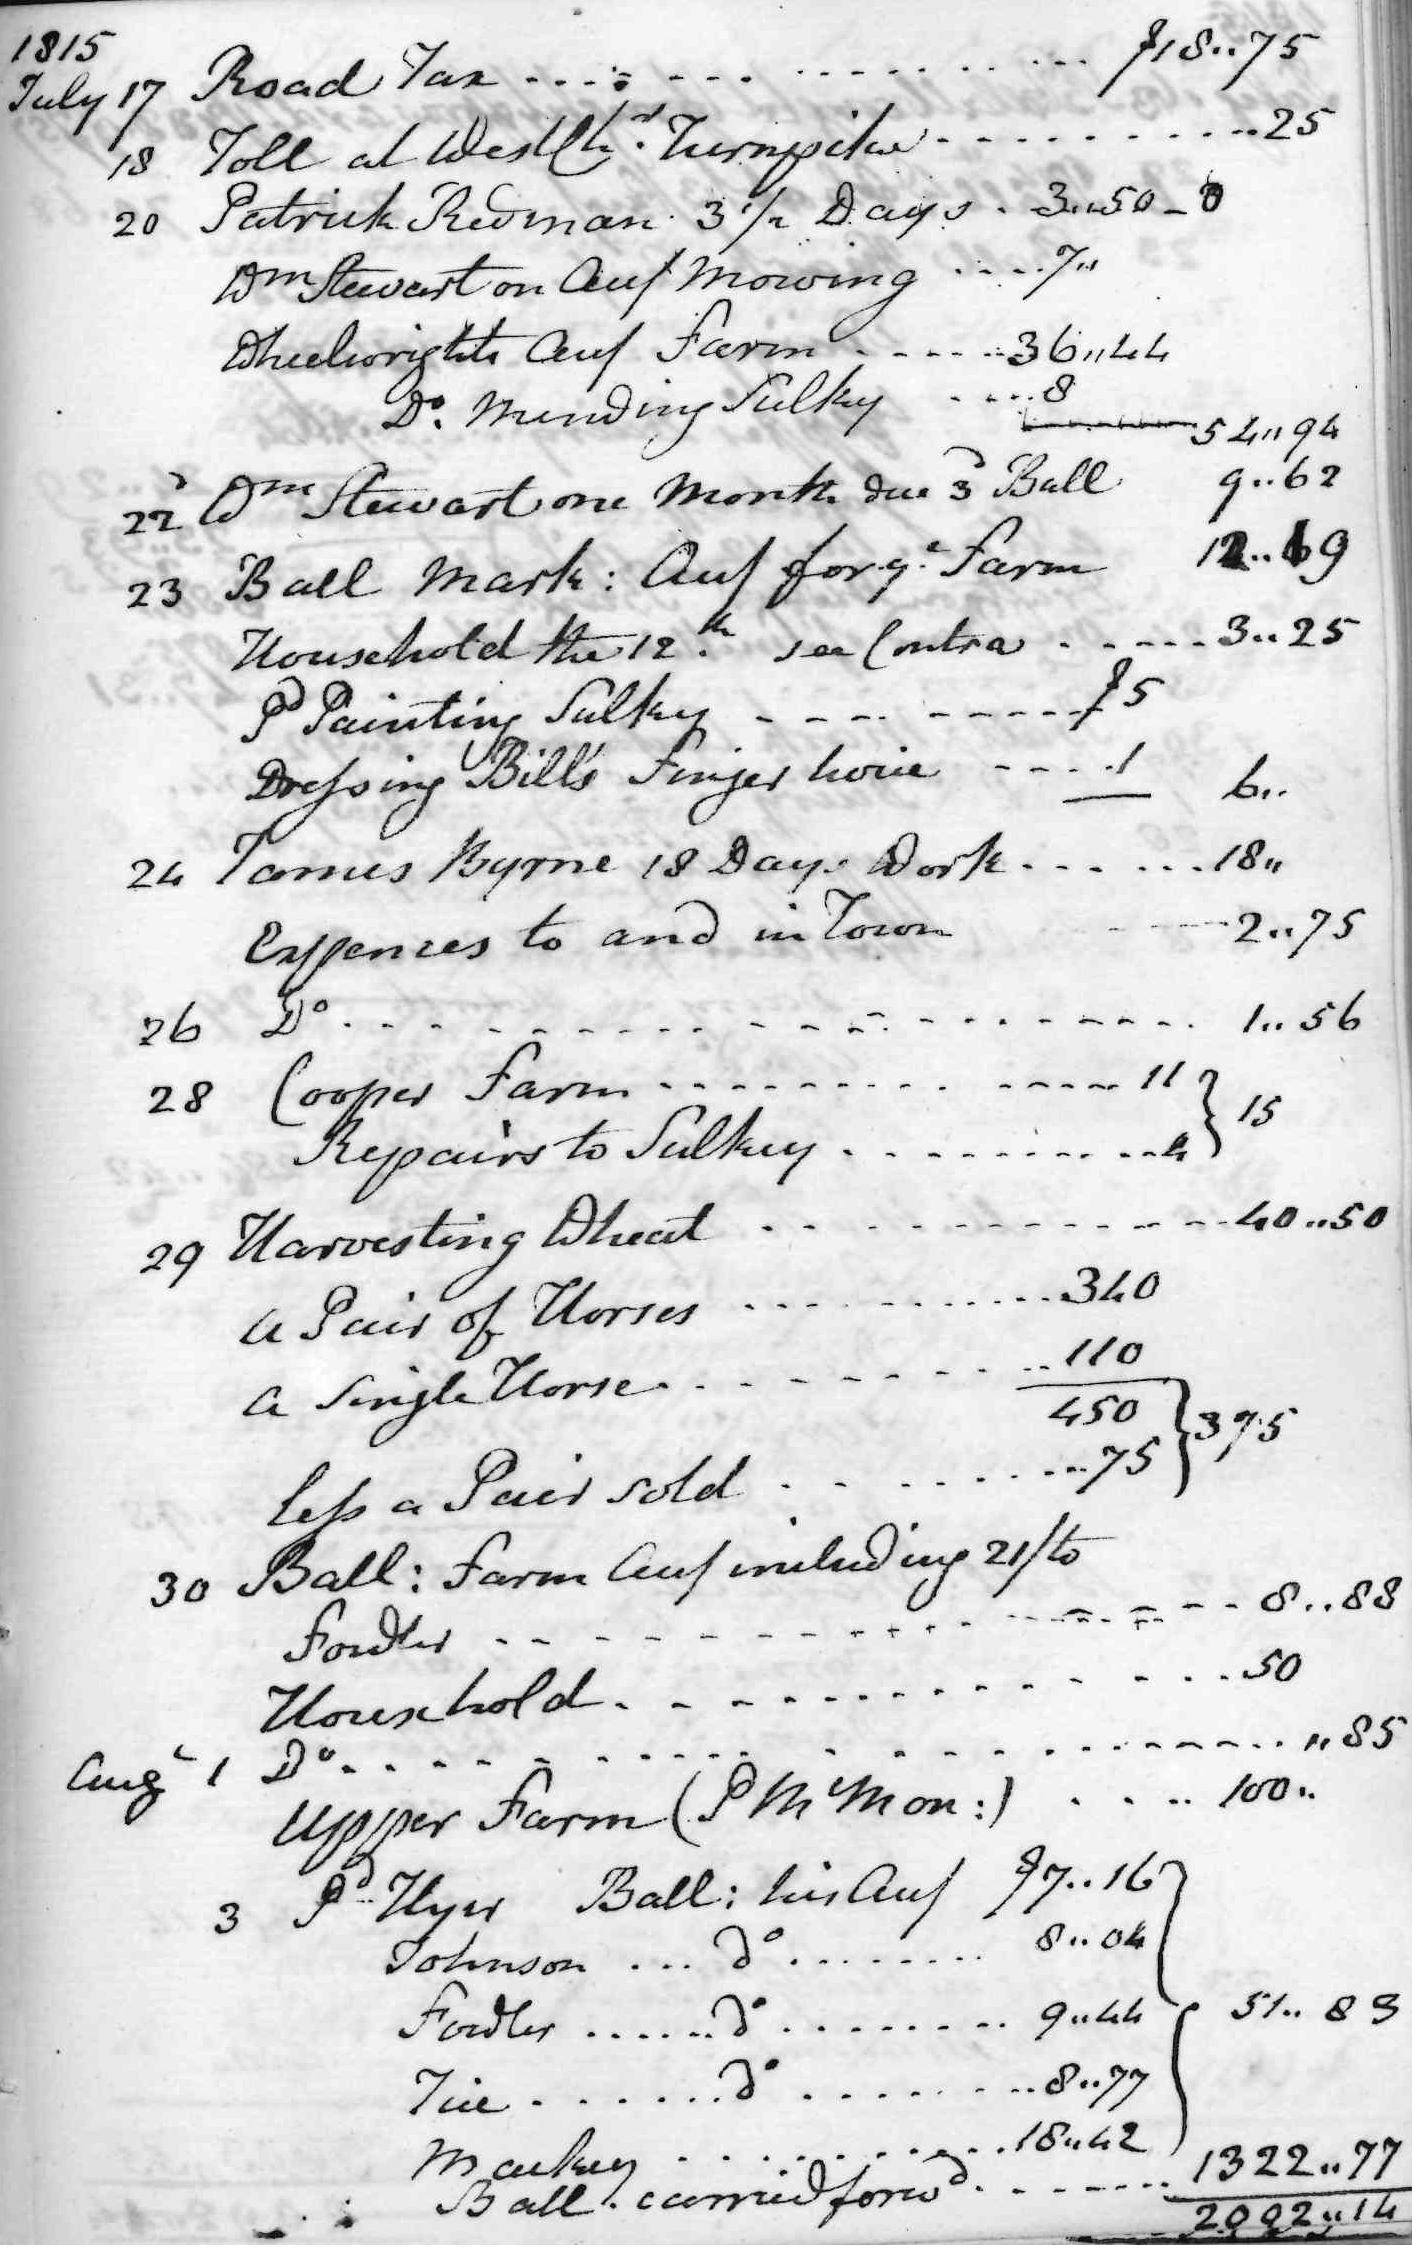 Gouverneur Morris Cash Book, folio 44, right side